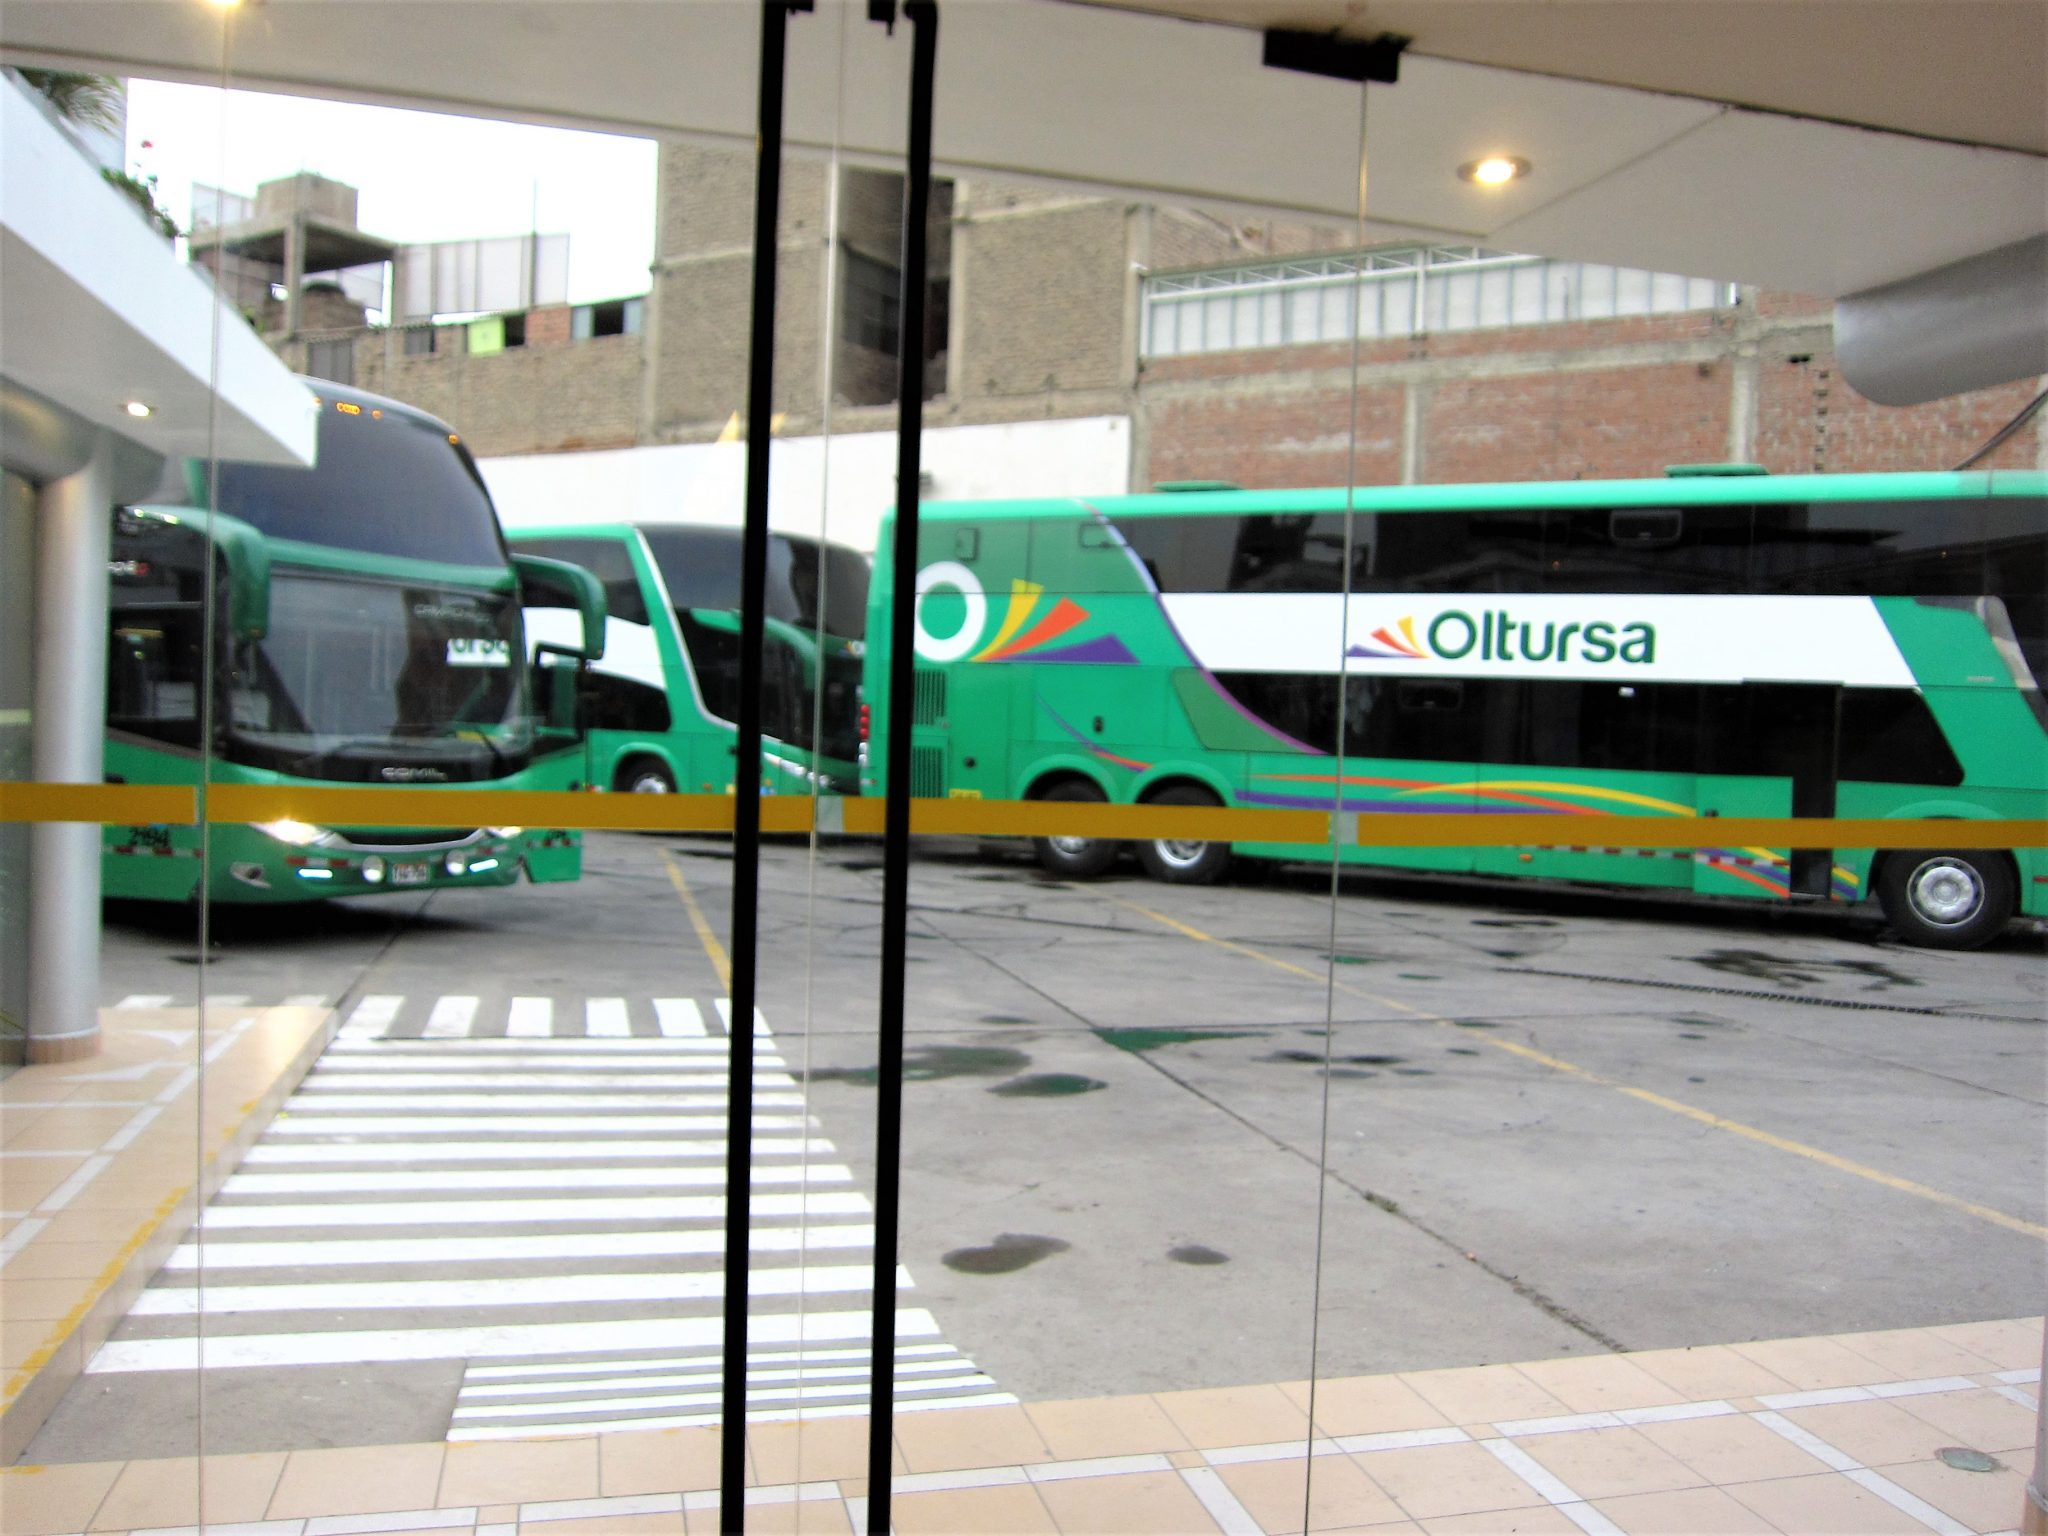 ペルー、高速バス、Oltursa、オルトゥルサ